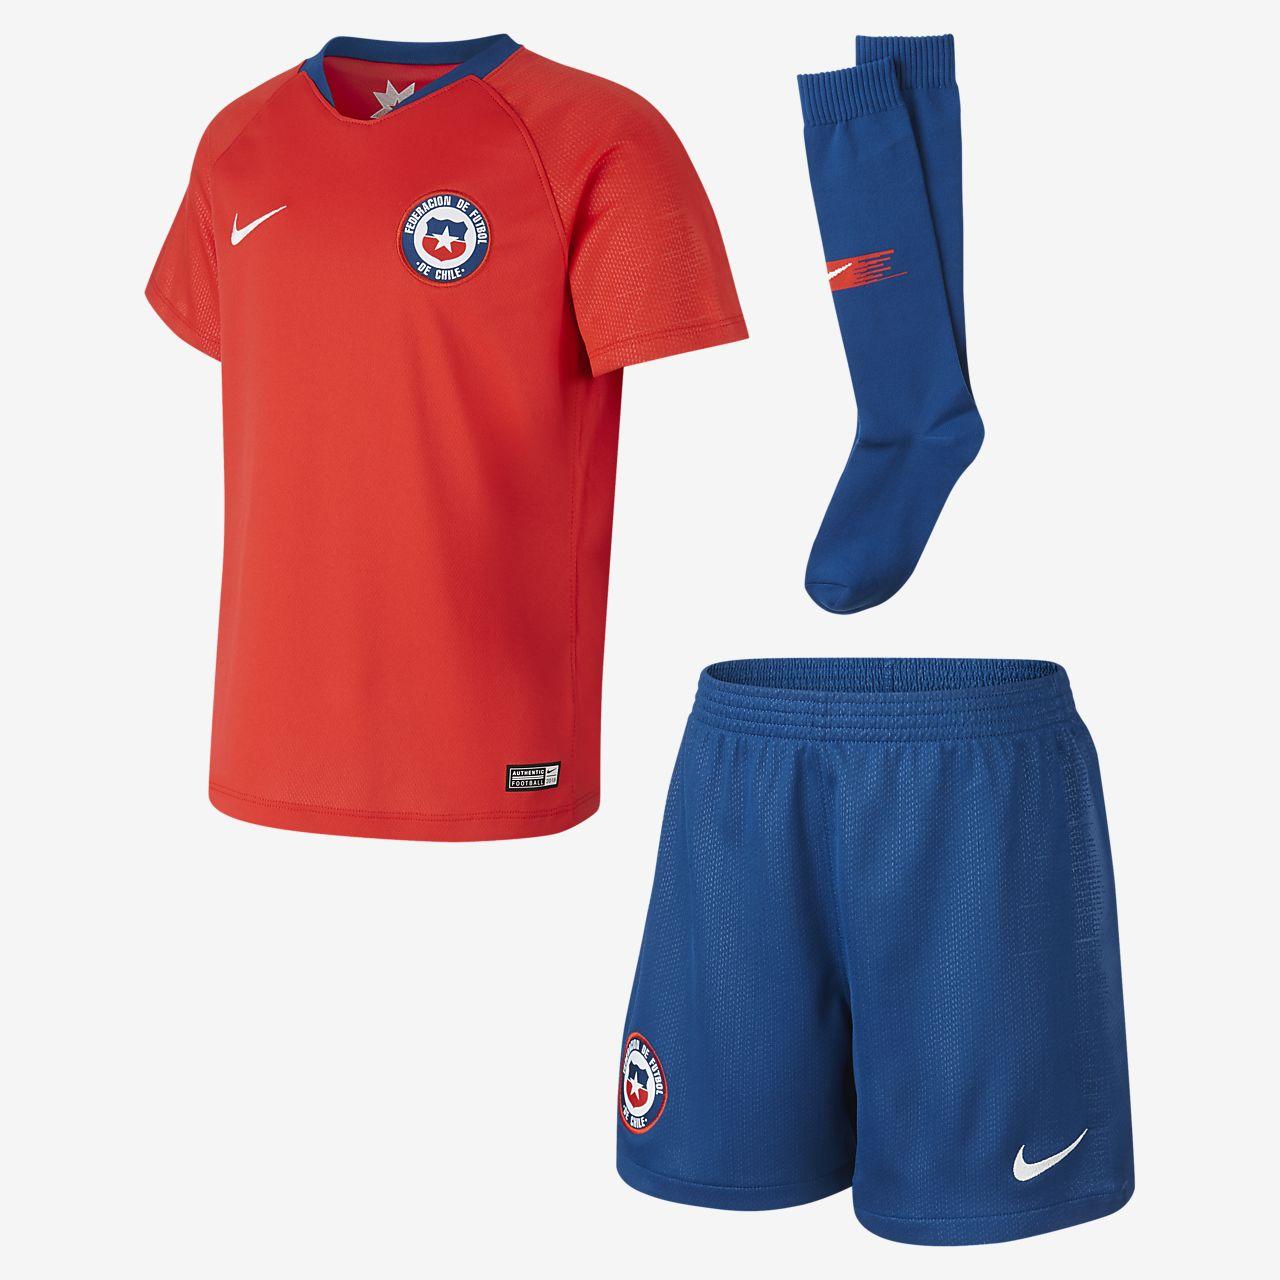 Equipamento de futebol 2018 Chile Stadium Home para criança. Nike.com PT 3316e518548aa